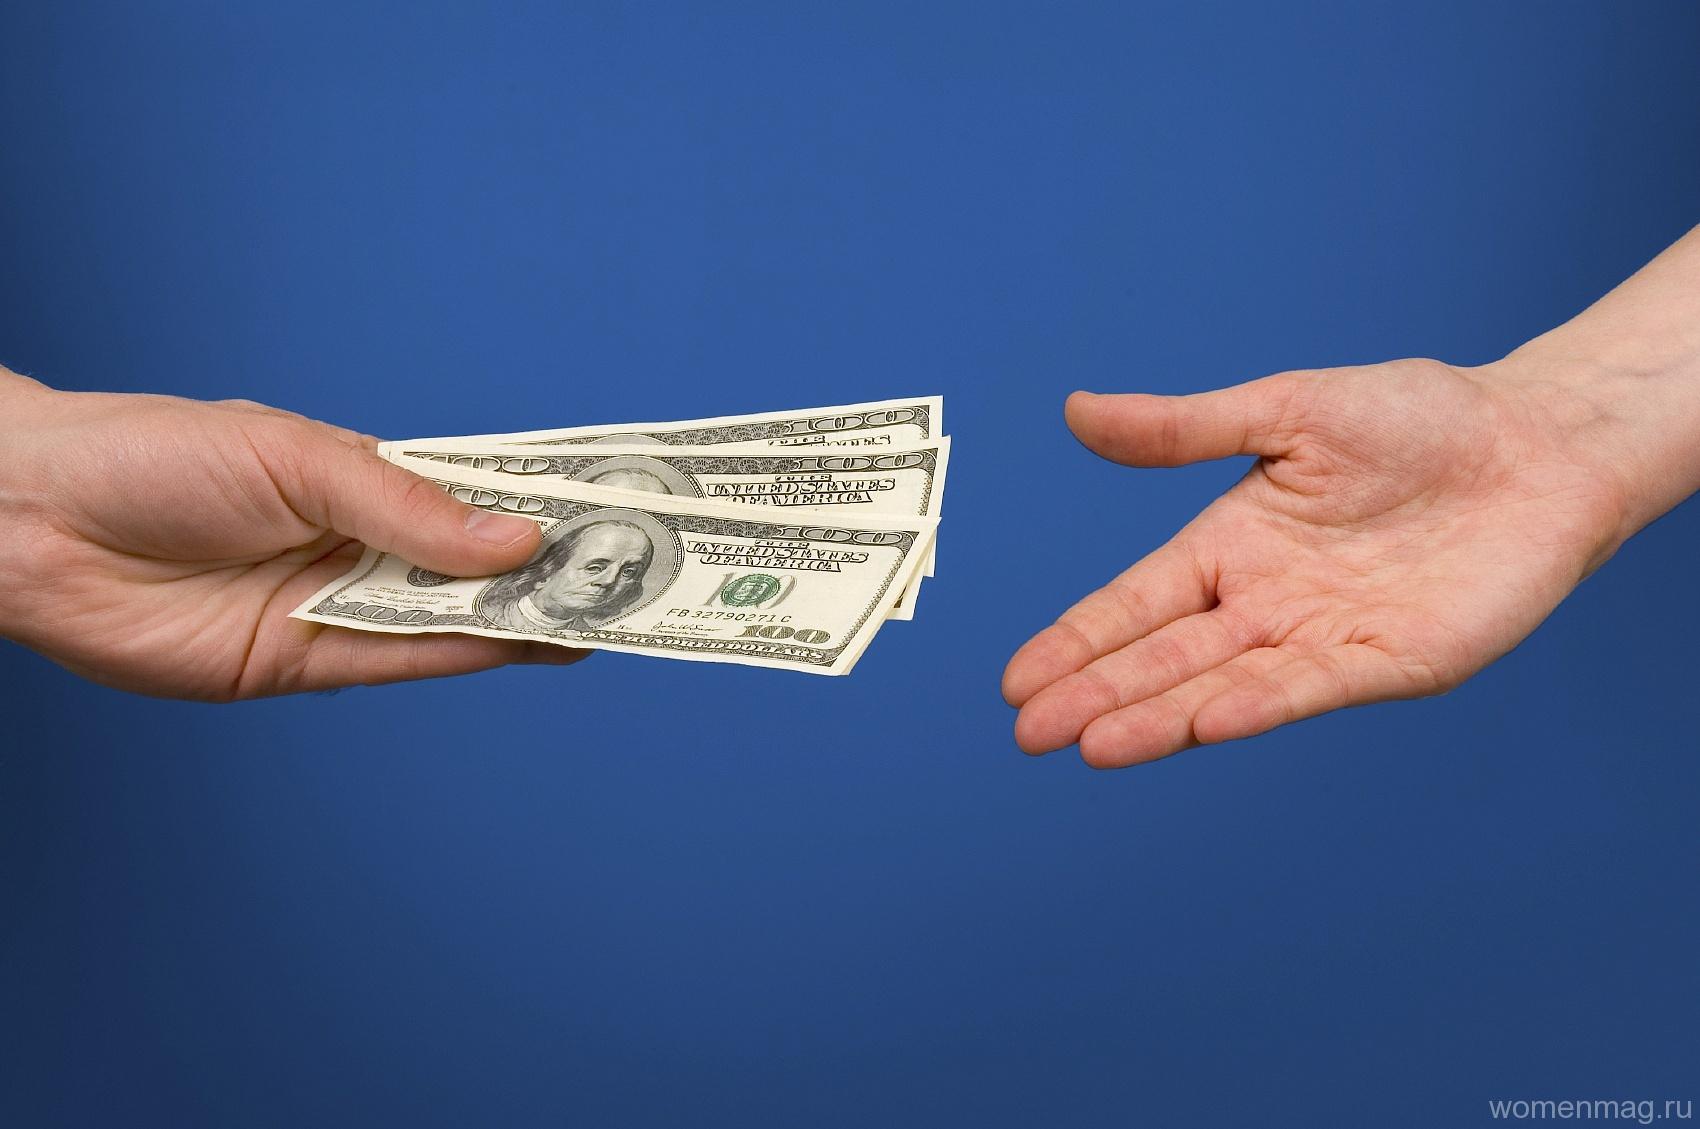 Кредит — берёшь чужие, отдаёшь свои